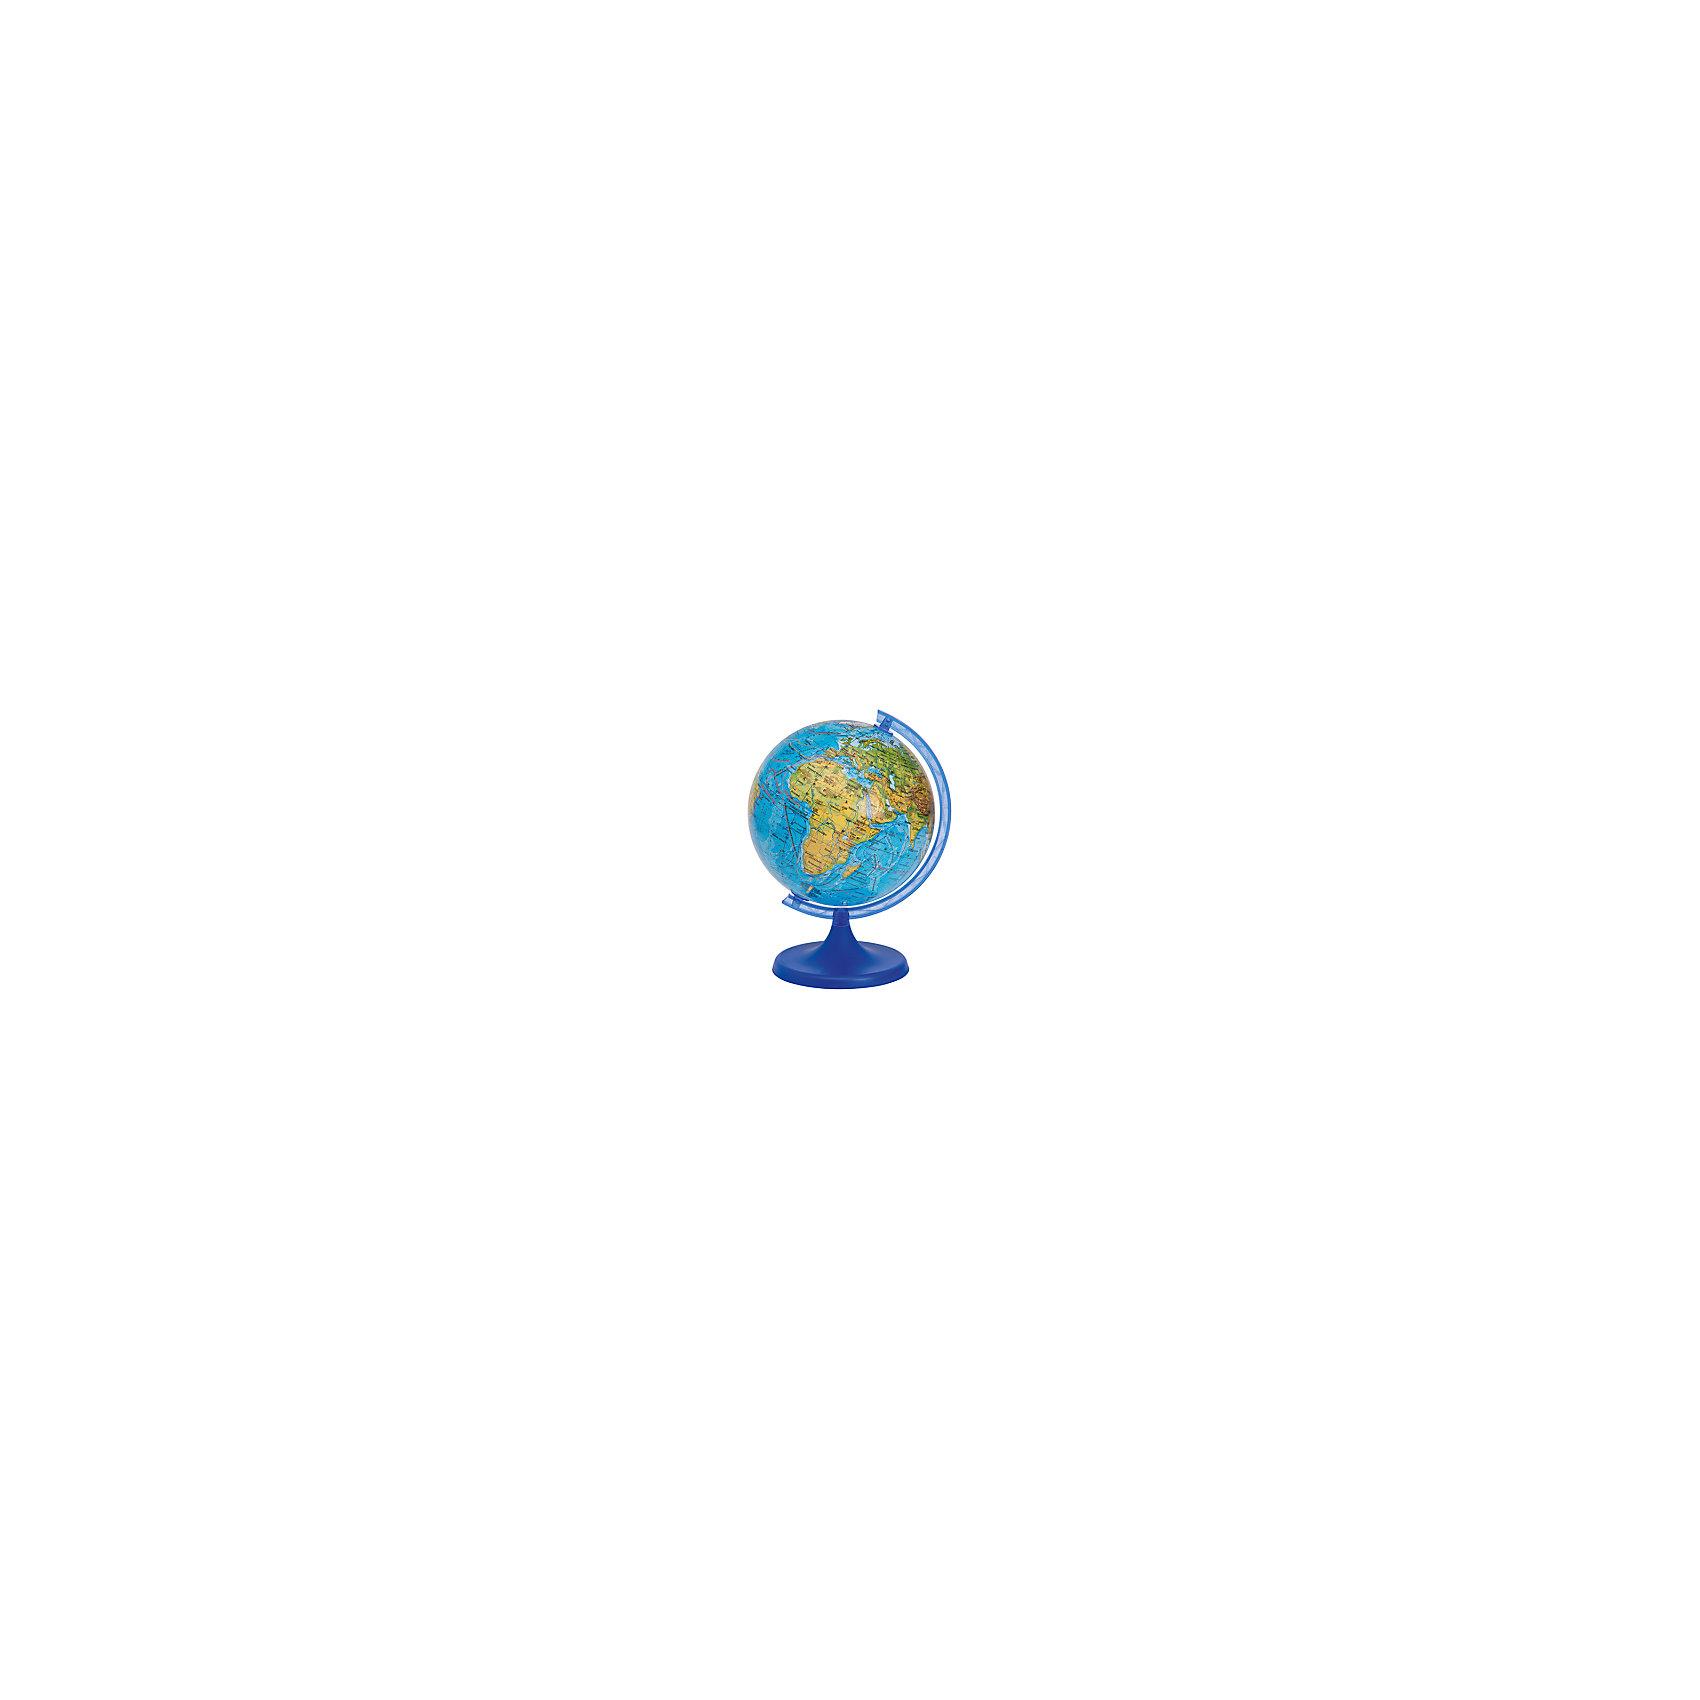 Глобус 32см, Физический + Мини-энциклопедия Физическая география ЗемлиГлобусы<br>Эта модель глобуса весьма распространена и существует для того, чтобы познакомить Вас или Вашего ребенка со структурой планеты, на которой мы живем. Глобус дает четкое представление не только о месторасположении материков и океанов, но и о строении поверхности Земли.<br>На глобус нанесены рельеф суши и морского дна, элементы почвенно-растительного покрова, крупнейшие населенные пункты, коралловые рифы, теплые и холодные течения, а так же зимняя граница плавающих льдов.<br>Во время изучения географии в школе Физический глобус станет просто незаменимым другом Вашего ребенка.<br>Глобусы диаметром 25 и 32 комплектуются мини-энциклопедиями, которые содержат справочную информацию о планете на которой мы живем.<br><br>Ширина мм: 325<br>Глубина мм: 325<br>Высота мм: 330<br>Вес г: 1600<br>Возраст от месяцев: 72<br>Возраст до месяцев: 168<br>Пол: Унисекс<br>Возраст: Детский<br>SKU: 5405058